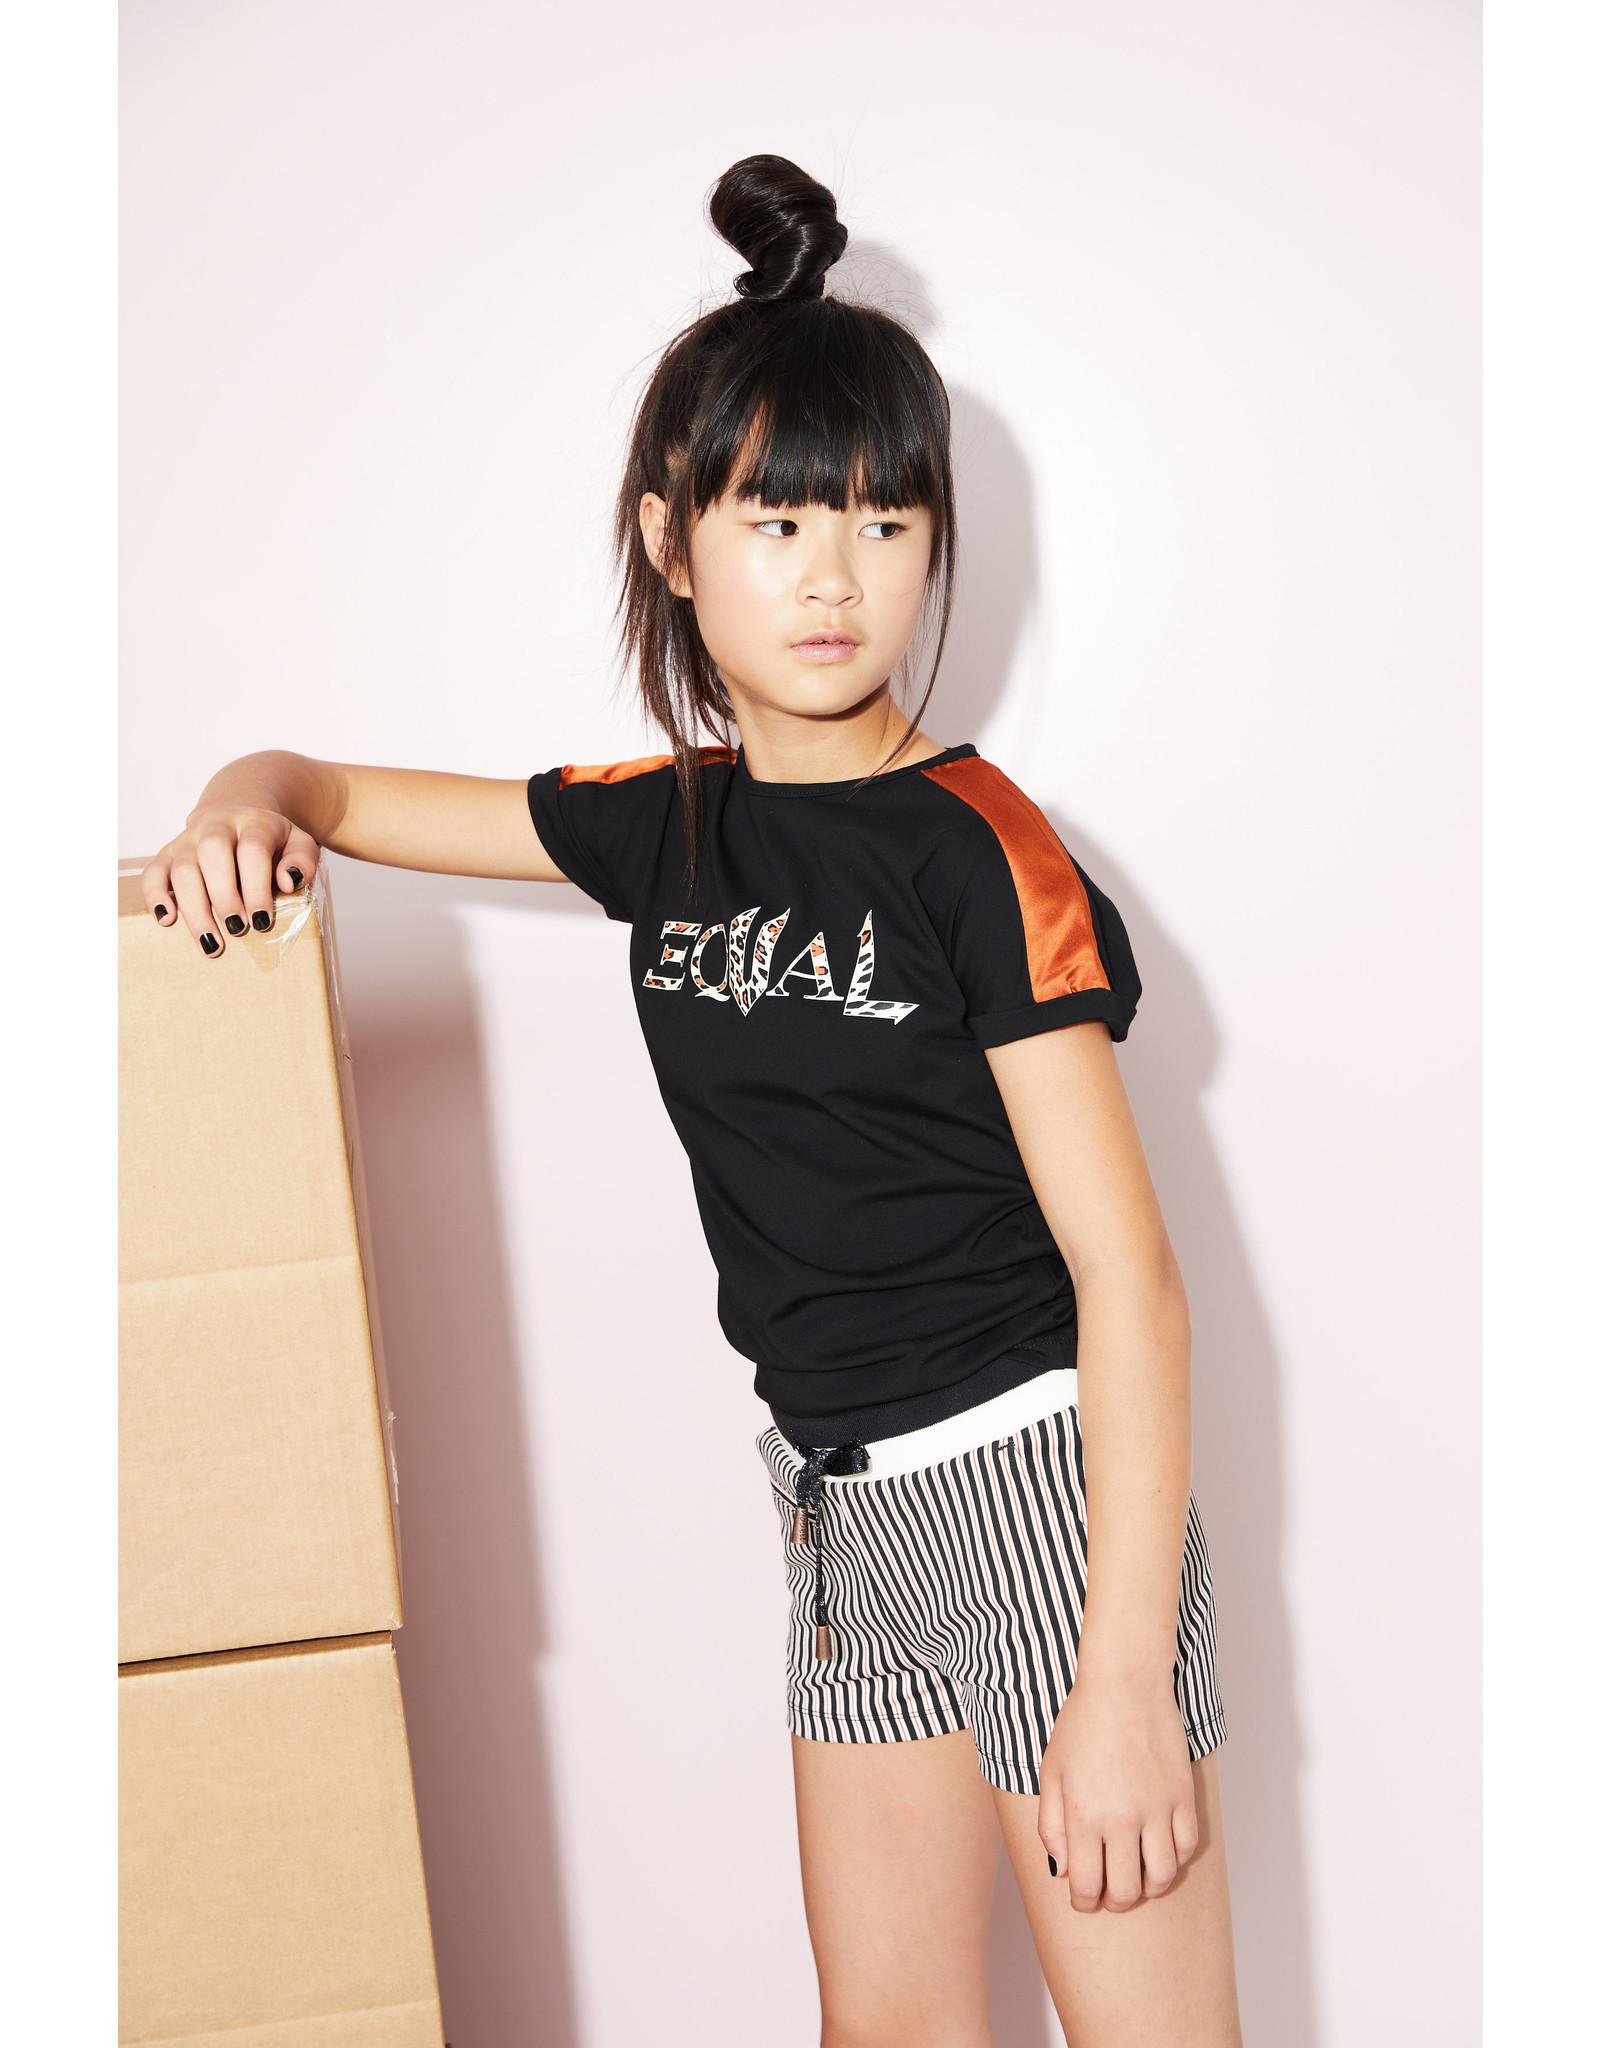 NoBell Nobell Shorty Short Japanese Stripe Jet Black